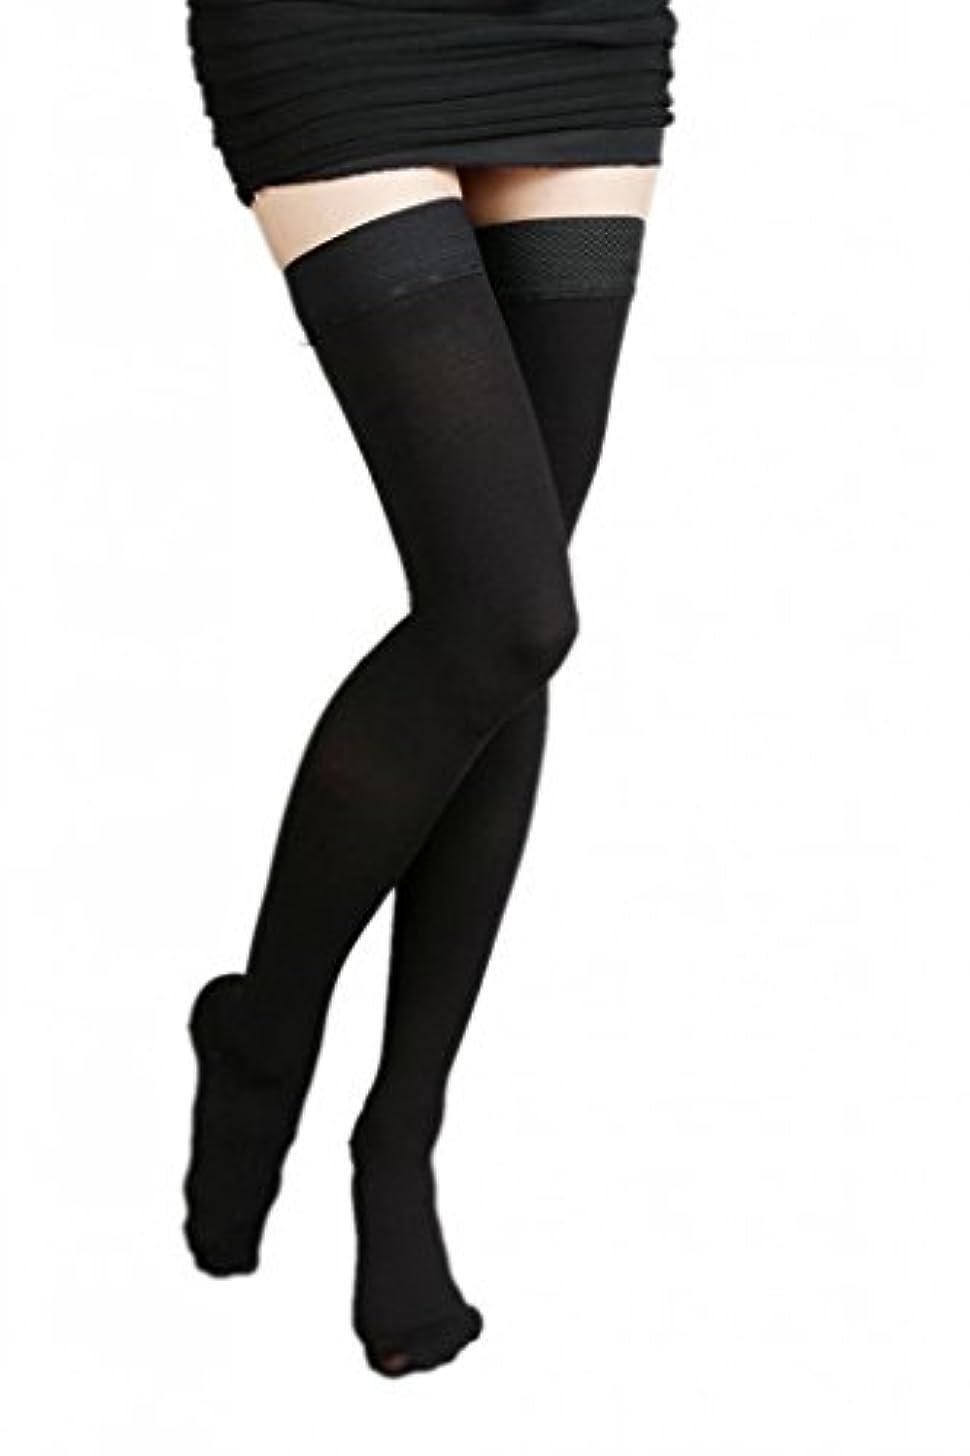 ポータル紳士リラックス(ラボーグ)La Vogue 美脚 着圧オーバーニーソックス ハイソックス 靴下 弾性ストッキング つま先あり着圧ソックス XL 1級低圧 黒色